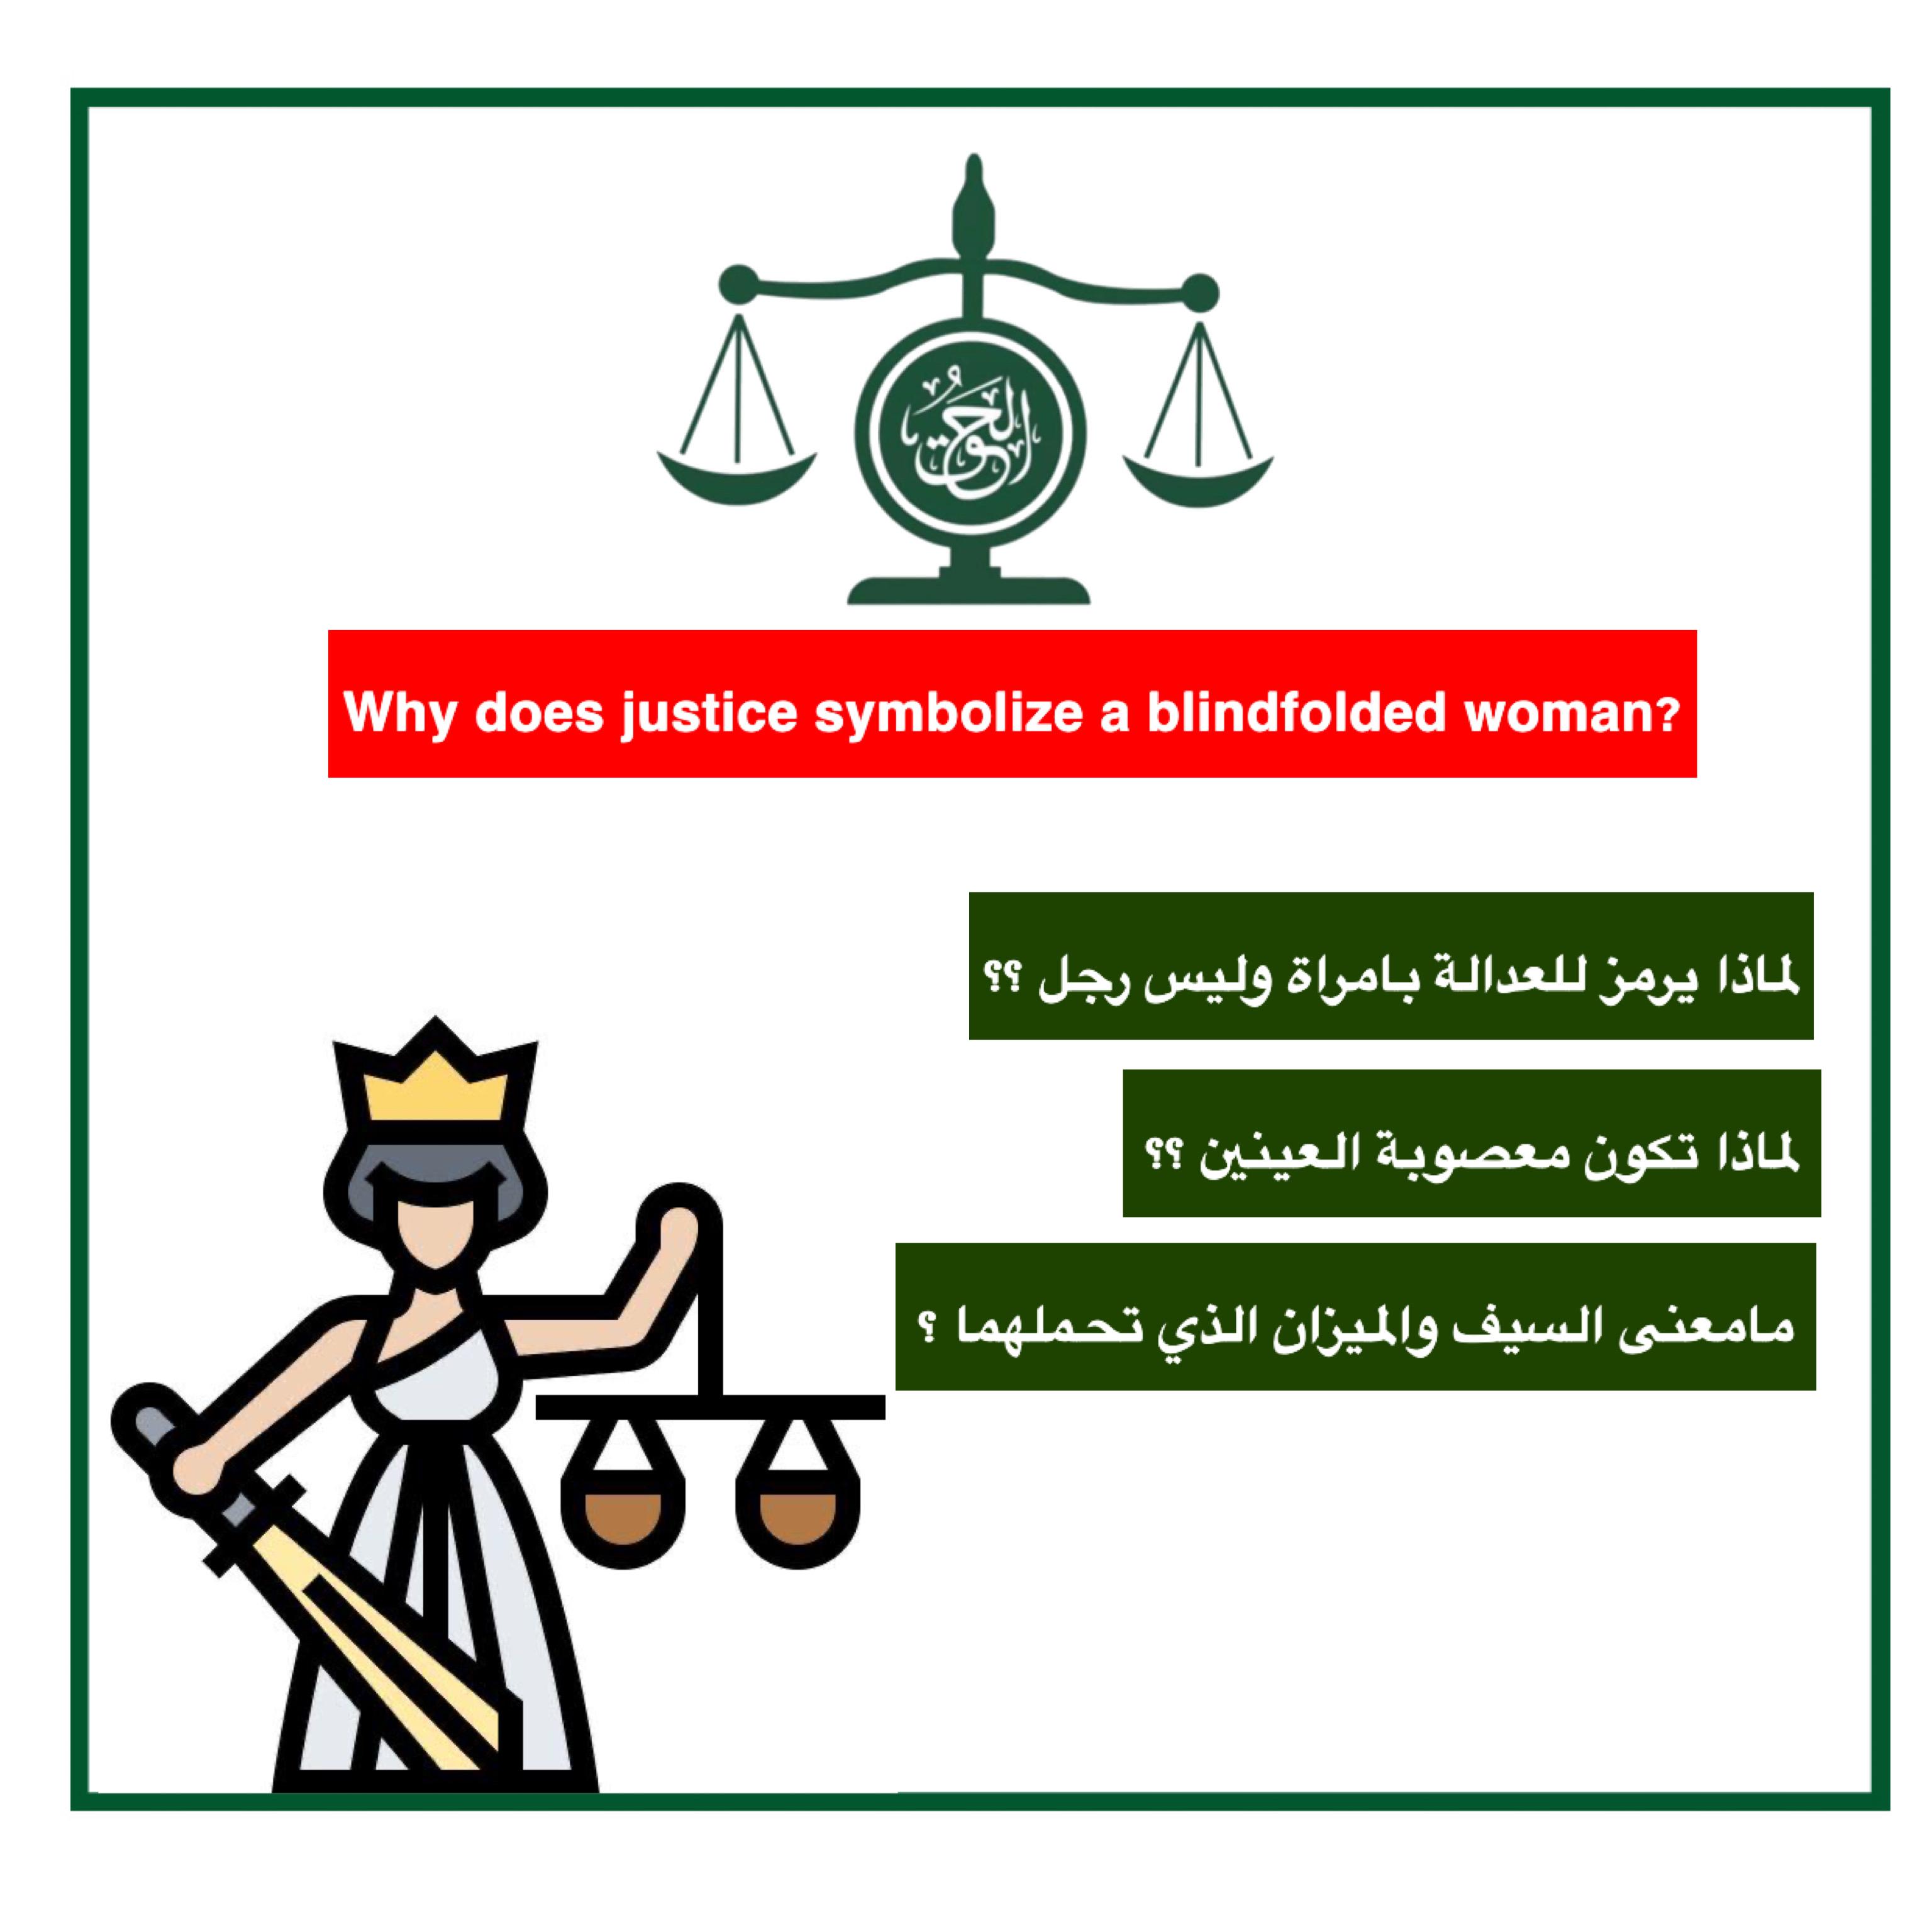 لماذا يرمز للعدالة ب المرأة معصوبة العينين لان :